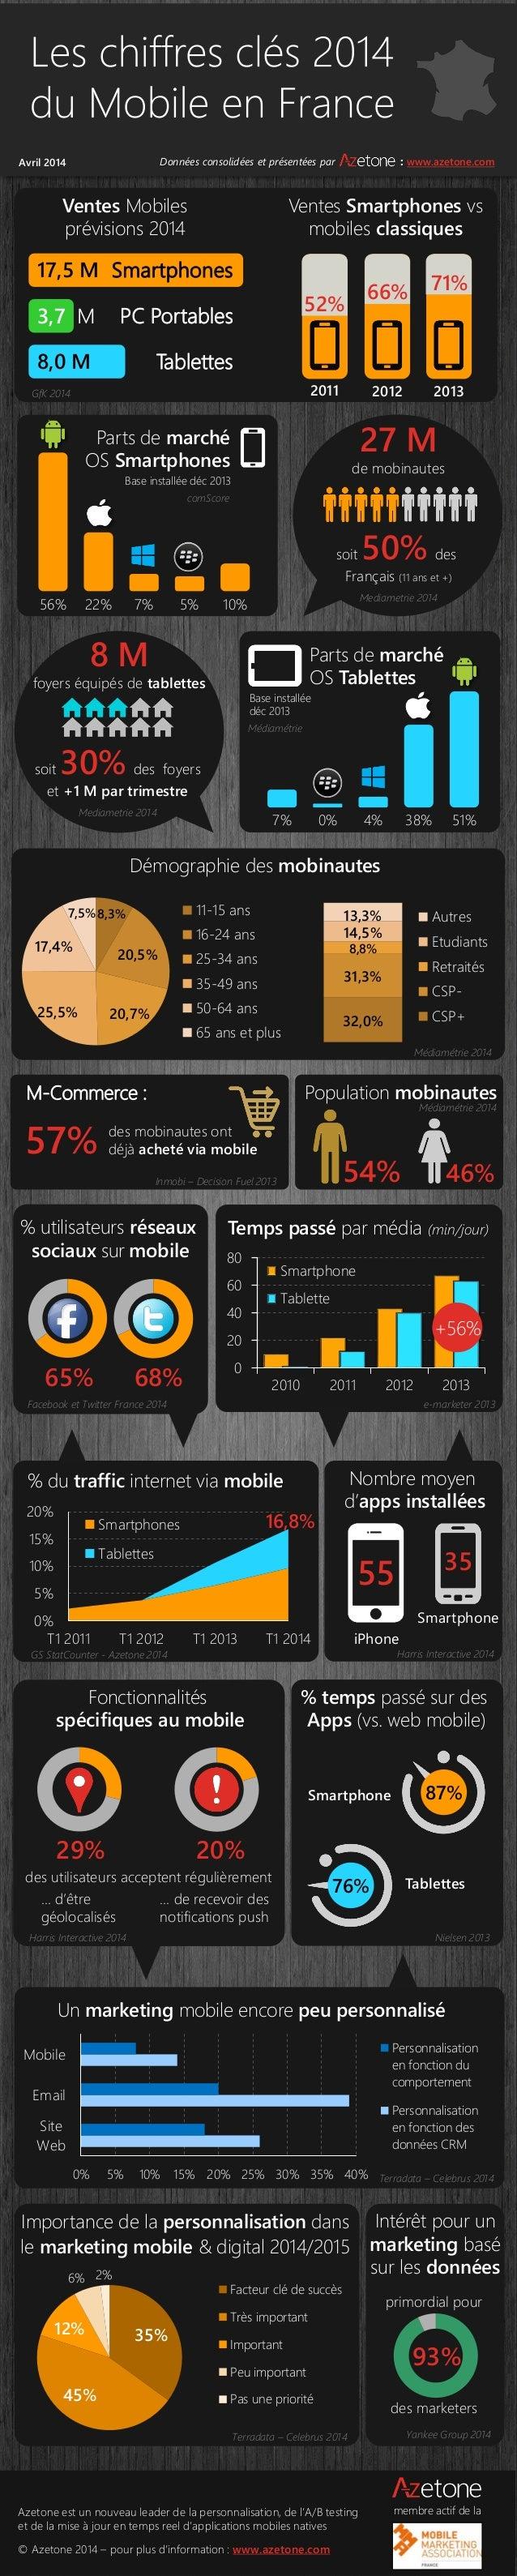 Infographie : les données clés du mobile en France